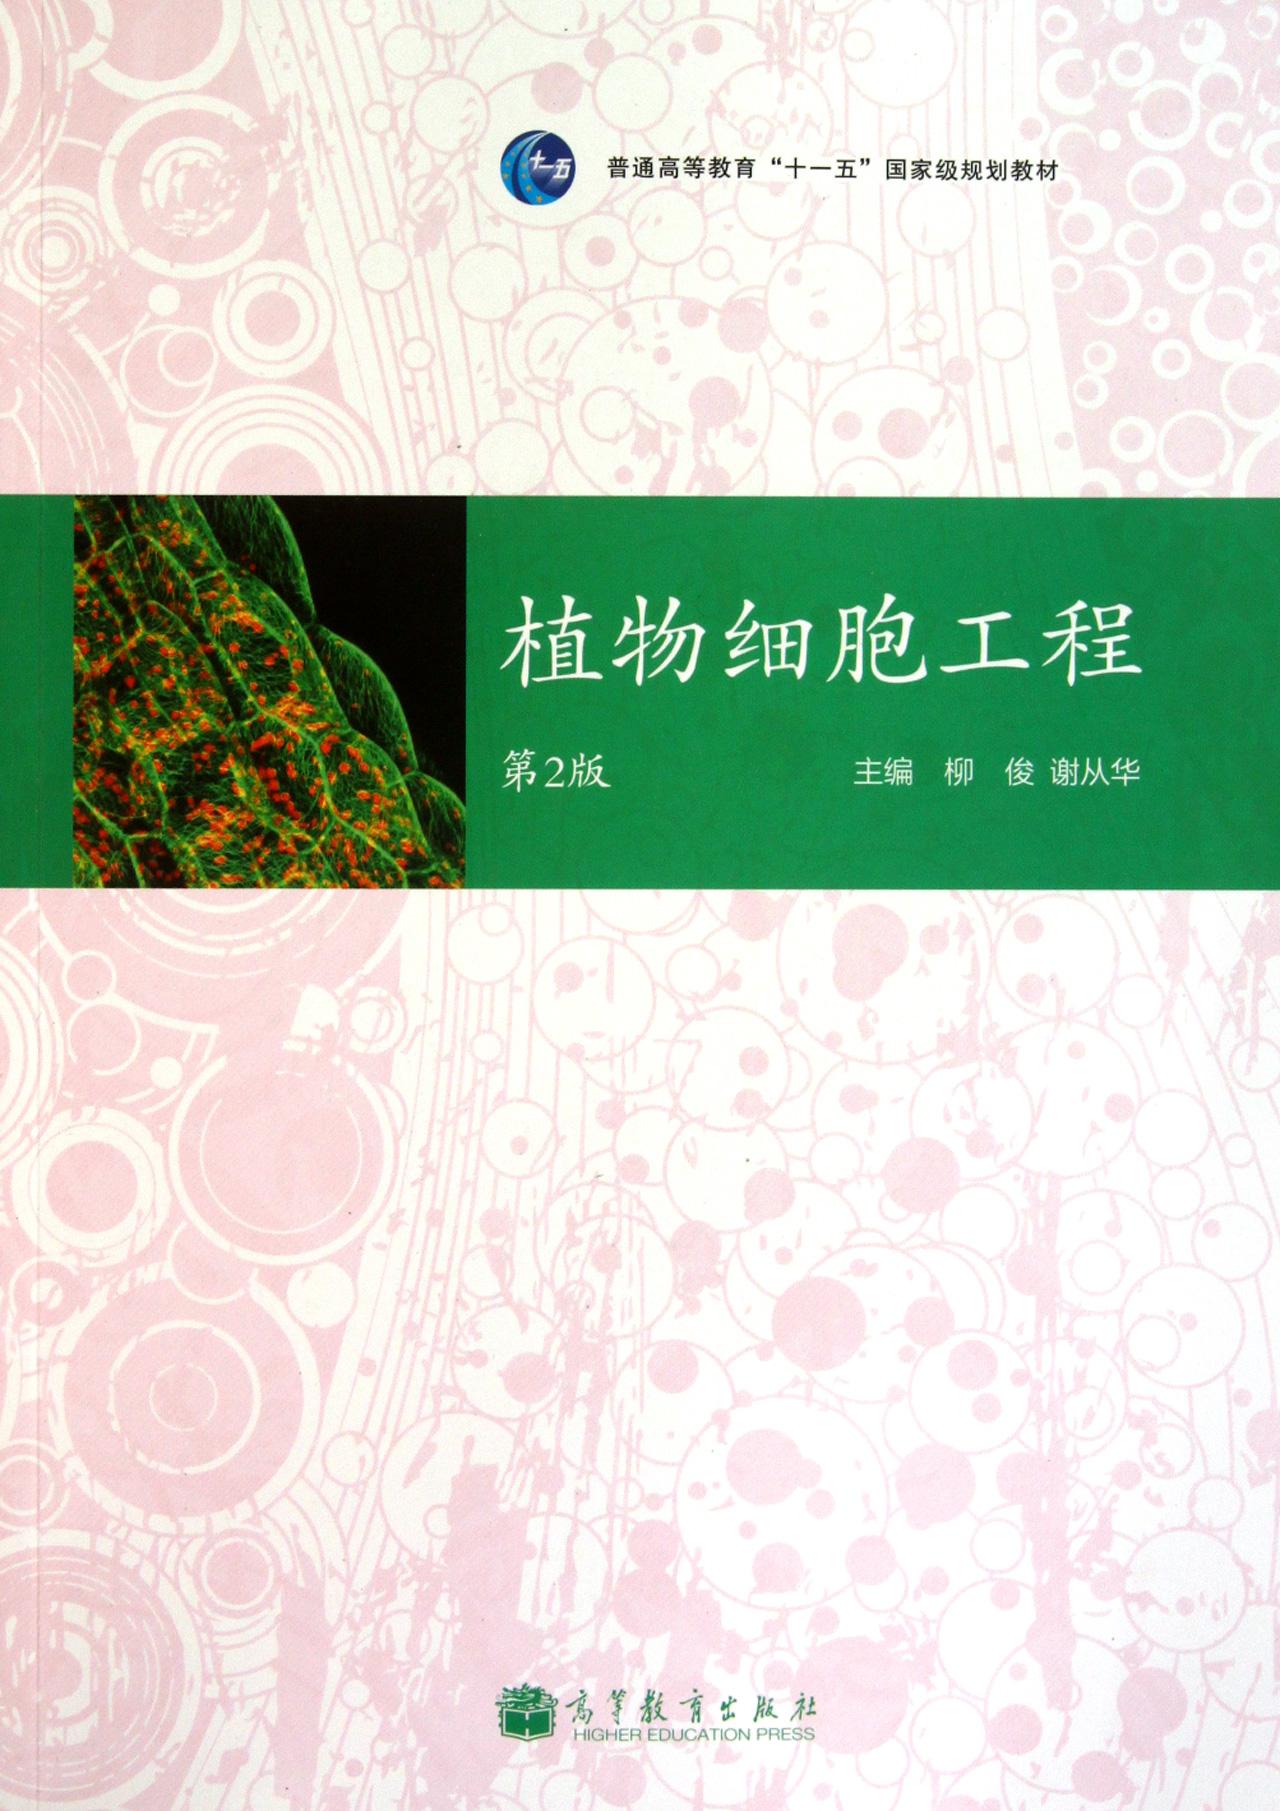 植物细胞工程与生命、材料、工程、信息等学科密切相关,互为促 进。《植物细胞工程(第2版)》编者柳俊和谢从华尝试构建起植物细胞工程 学科相对系统又能反映多学科有 机融合的知识体系,这一体系在**版6年多的教学与科研实践中逐步 得到*多同仁的认可,此次再版的目的之一是使其构架进一步完善。为 此,特做了以下3方面的修订工作:(1)*新本领域理论与技术研究进 展,以求及时反映学科进展,如在**章中补充了细胞分化、体细胞胚 形成等的进展,第二章中增加了植物离体培养遗传变异发生的细胞学和 分子机制研究的新成果等;(2